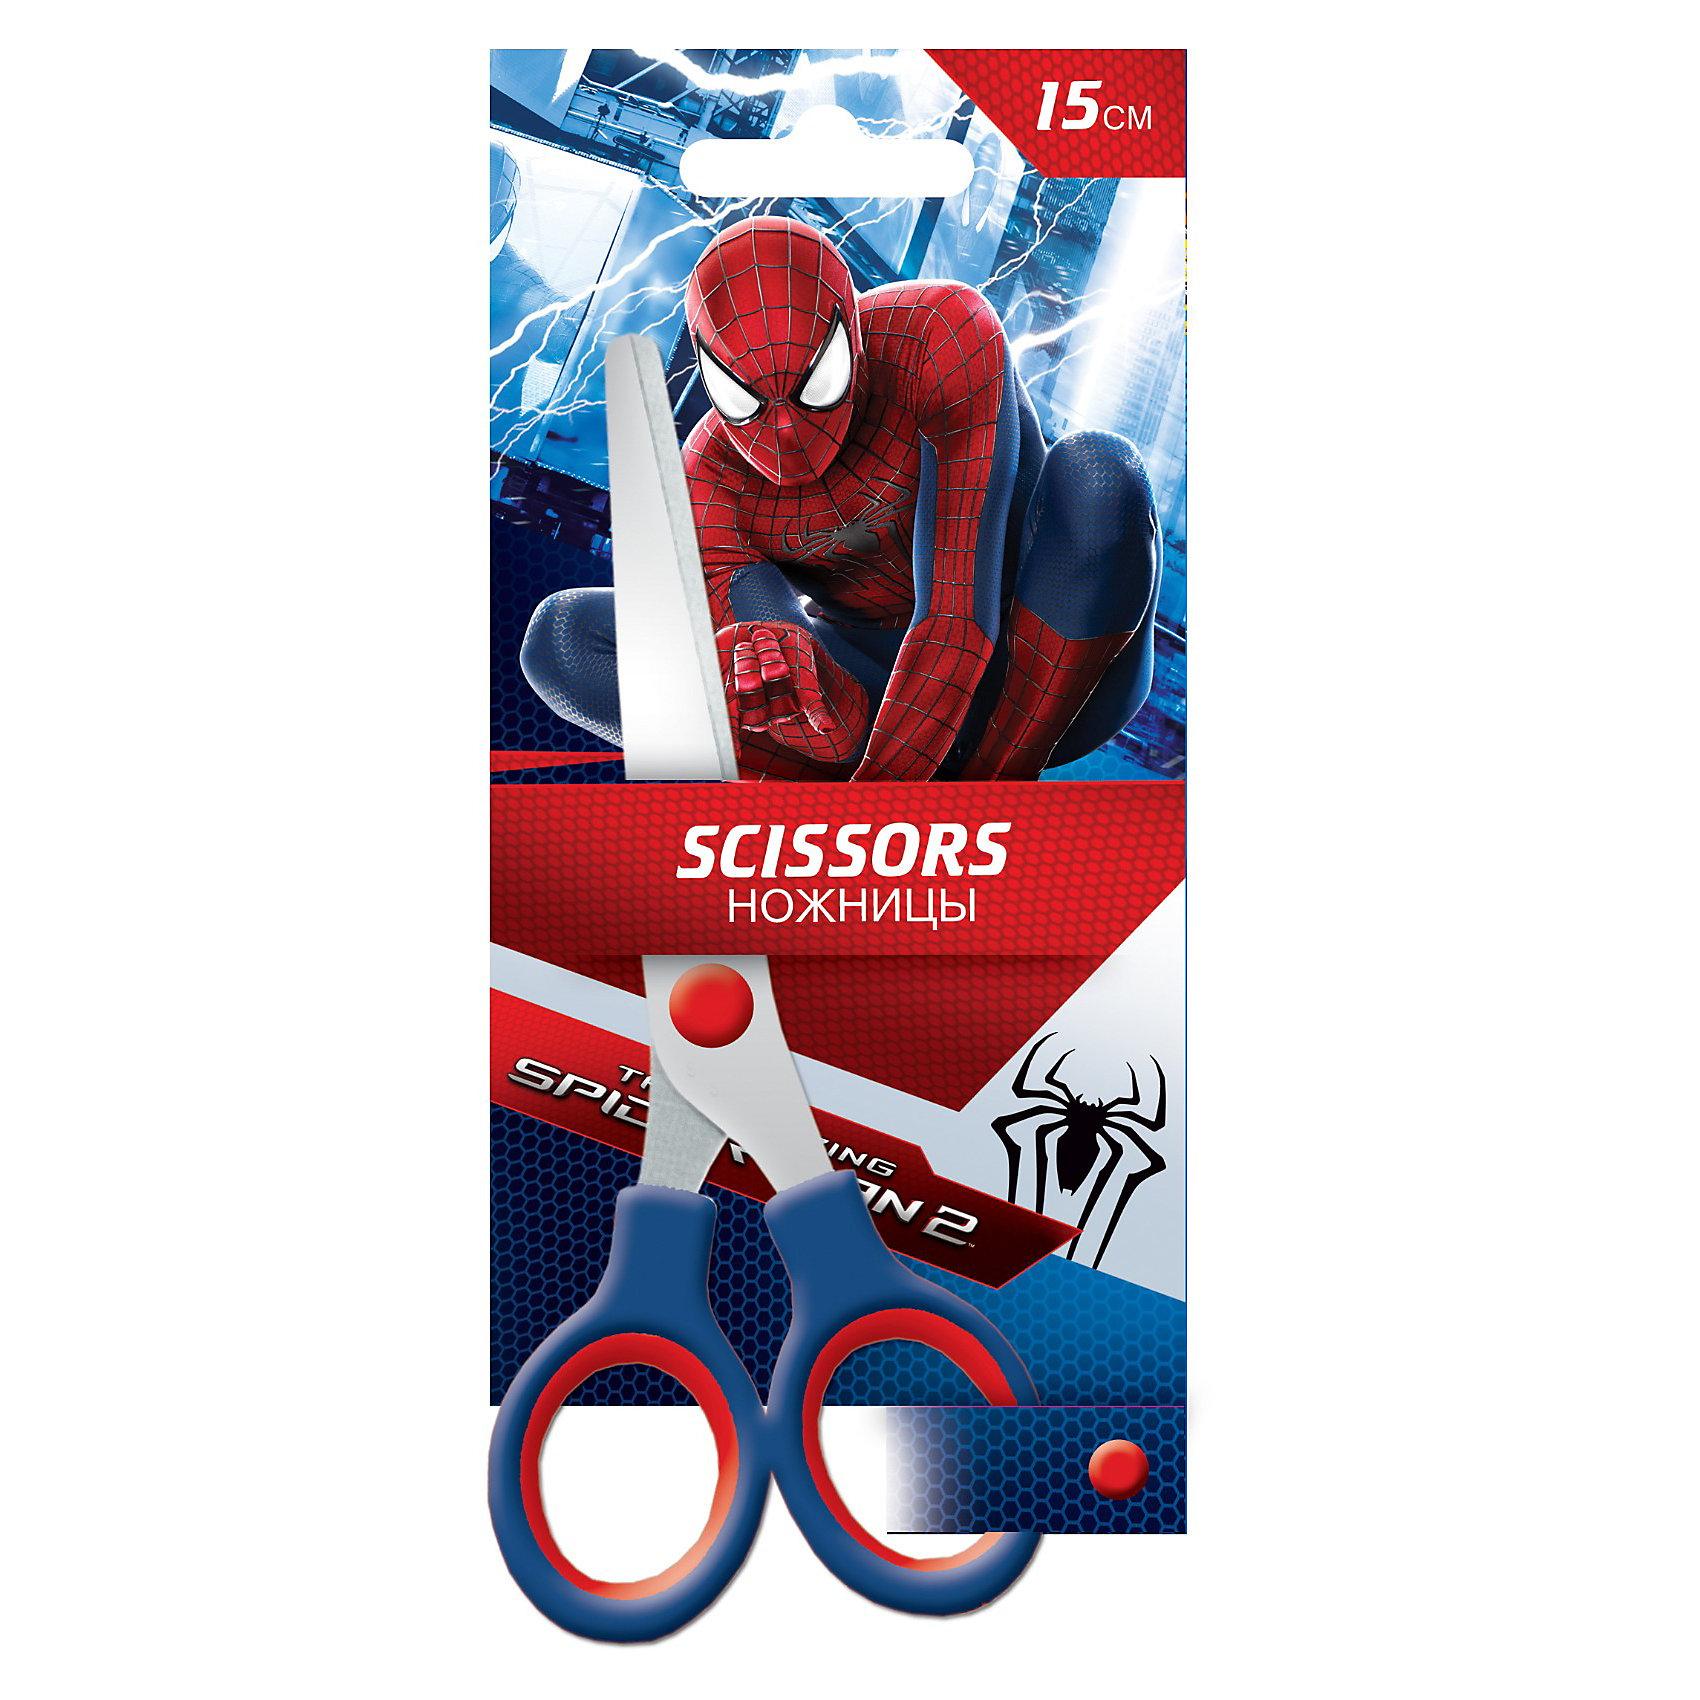 Ножницы, 15 см, Человек-ПаукНожницы, 15 см, Человек-паук — необходимая вещь на уроках труда. Удобные ручки, компактный размер. Ножницы изготовлены из нержавеющей стали. Упаковка иллюстрирована изображением с героем комиксов — Человеком-Пауком, что несомненно порадует юных героев.<br><br>Яркий аксессуар, который обязательно понравится поклонникам Человека-Паука!<br><br>Дополнительная информация:<br><br>- Упаковка: блистер<br>- Нержавеющая сталь<br>- Гравировка логотипа на лезвиях<br>- Удобные ручки<br>- Размер упаковки: 18 х 8 х 1 см<br>- Вес: 40 г.<br><br>Ножницы, 15 см, Человек-паук (Spider-Man) можно купить в нашем интернет-магазине.<br><br>Ширина мм: 180<br>Глубина мм: 80<br>Высота мм: 10<br>Вес г: 37<br>Возраст от месяцев: 48<br>Возраст до месяцев: 84<br>Пол: Мужской<br>Возраст: Детский<br>SKU: 3563076